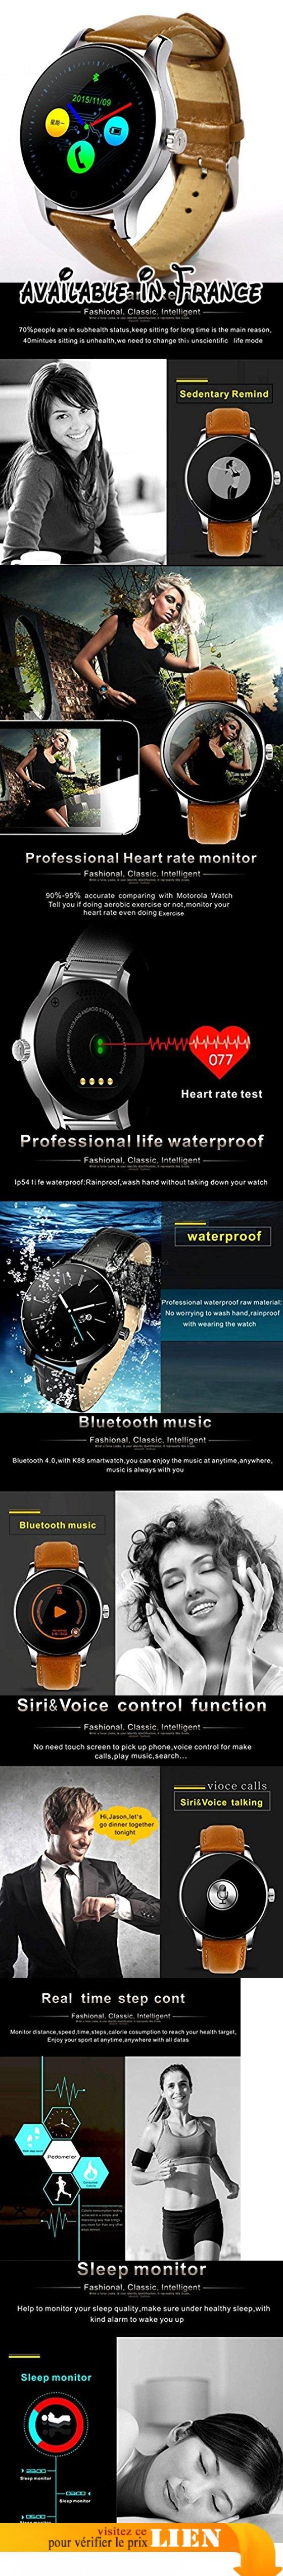 NNouveau K88H Smart Watch Bluetooth caméra à distance fréquence cardiaque moniteur de sommeil podomètre Watch compatible iOS et Android Phone , Brown. 1,22 pouces écran rond 2.5 d incurvé OGS écran, IPS avec vue complète de la conception classique de montres classiques, Super Smart Watch expérience, vous devenez le modèle. MTK chipset de MTK2502C, professionnel statique et dynamique moniteur de fréquence cardiaque compatiable avec iOS et Andriod. Fonction: montrer